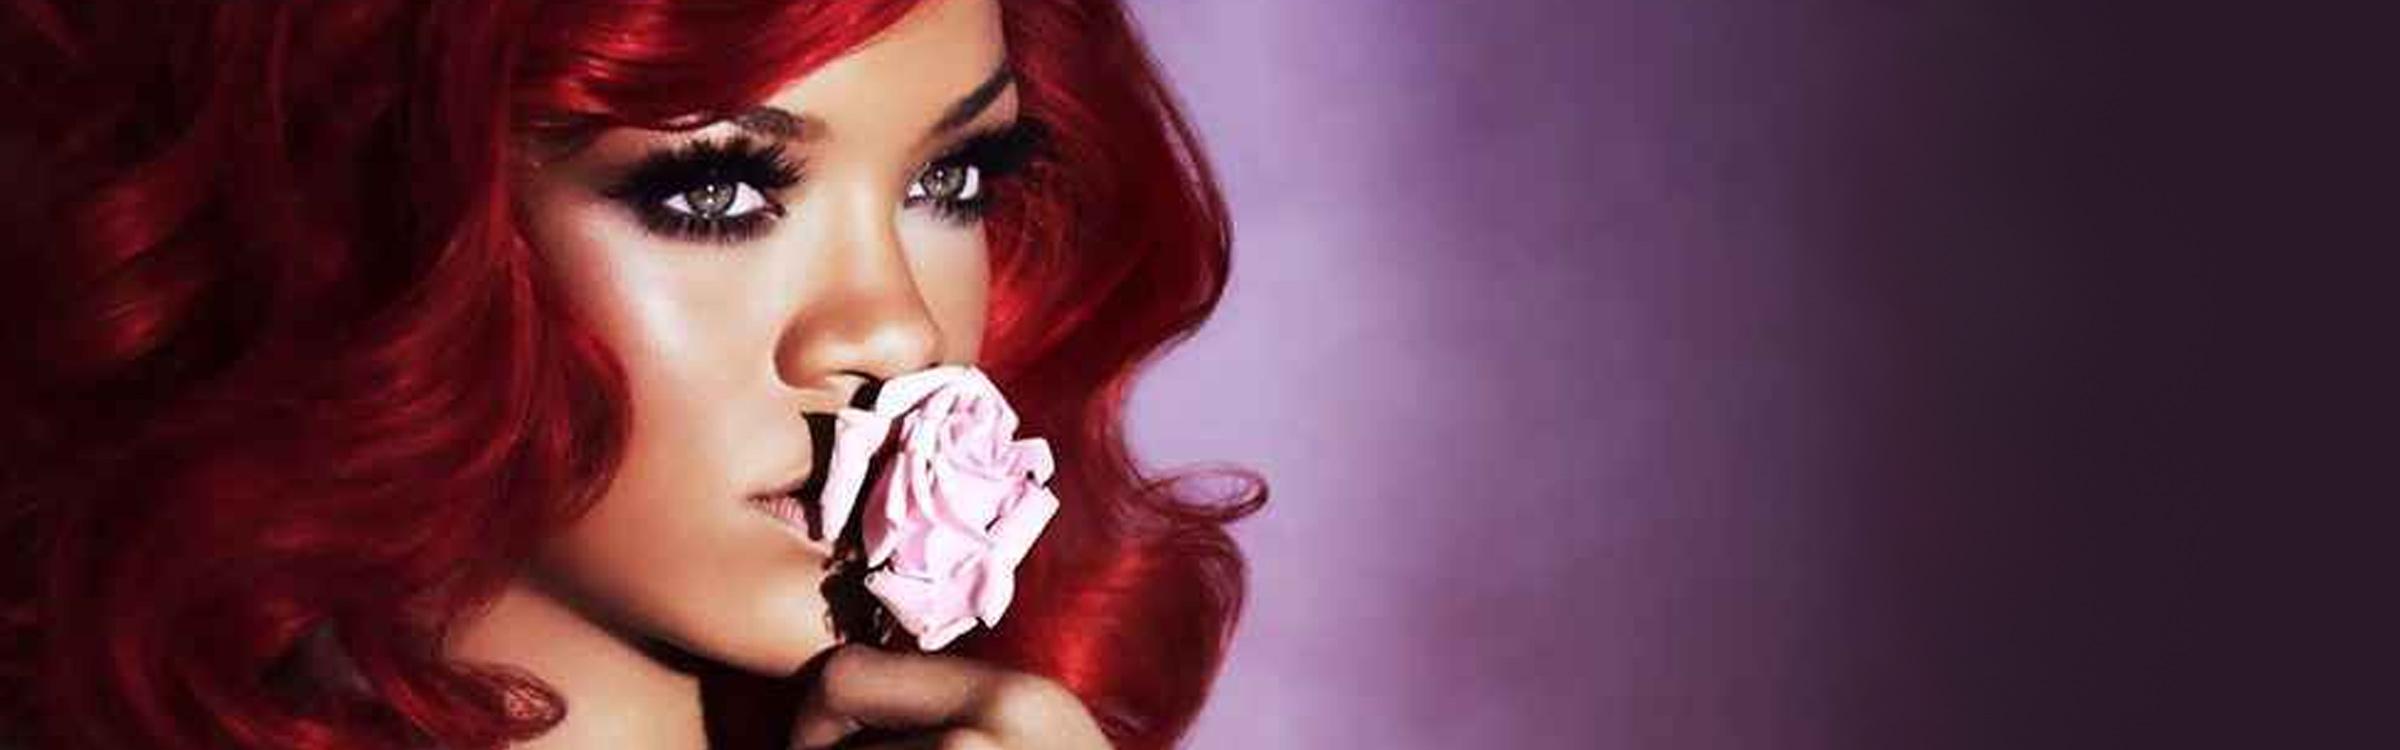 Rihanna vinyl header